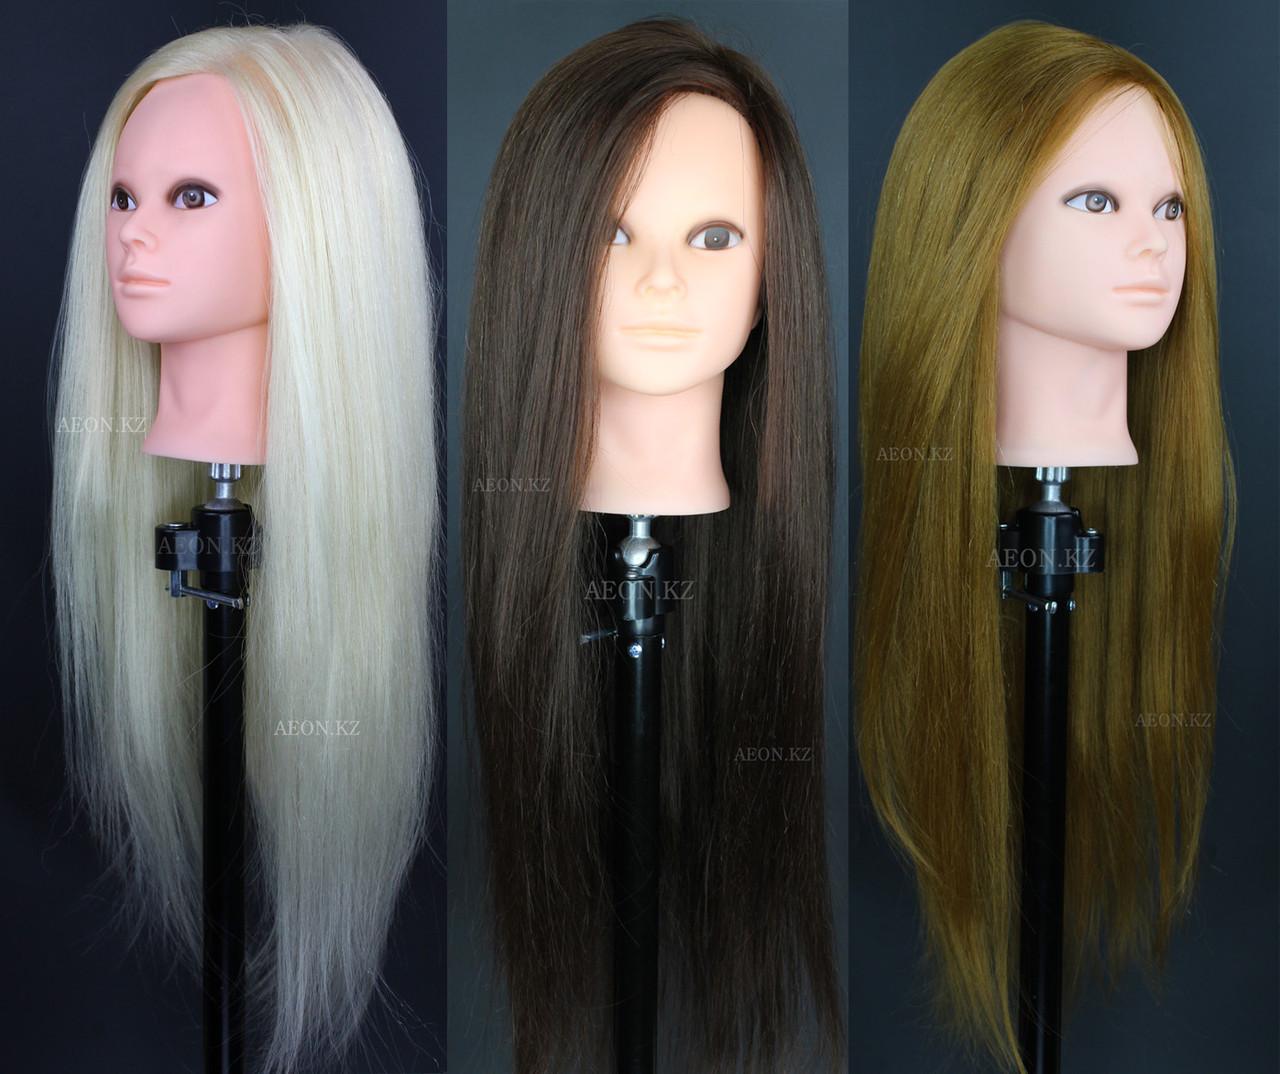 Голова-манекен блонд волос натуральный (60%) - 60 см (без макияжа)